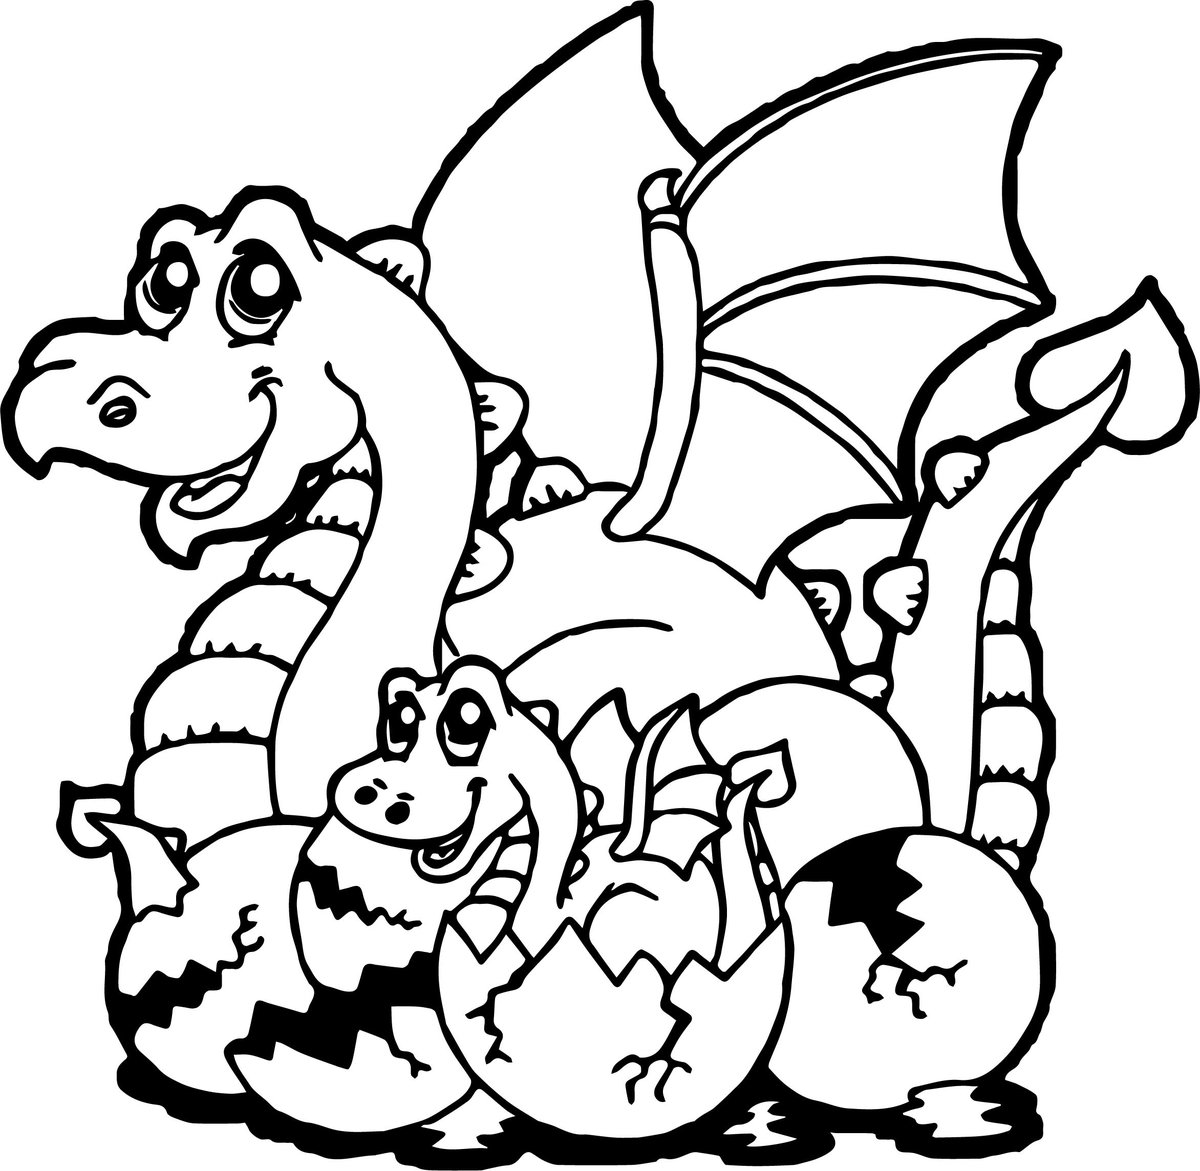 открытки раскраски с драконами аксессуары крепятся софтбокс